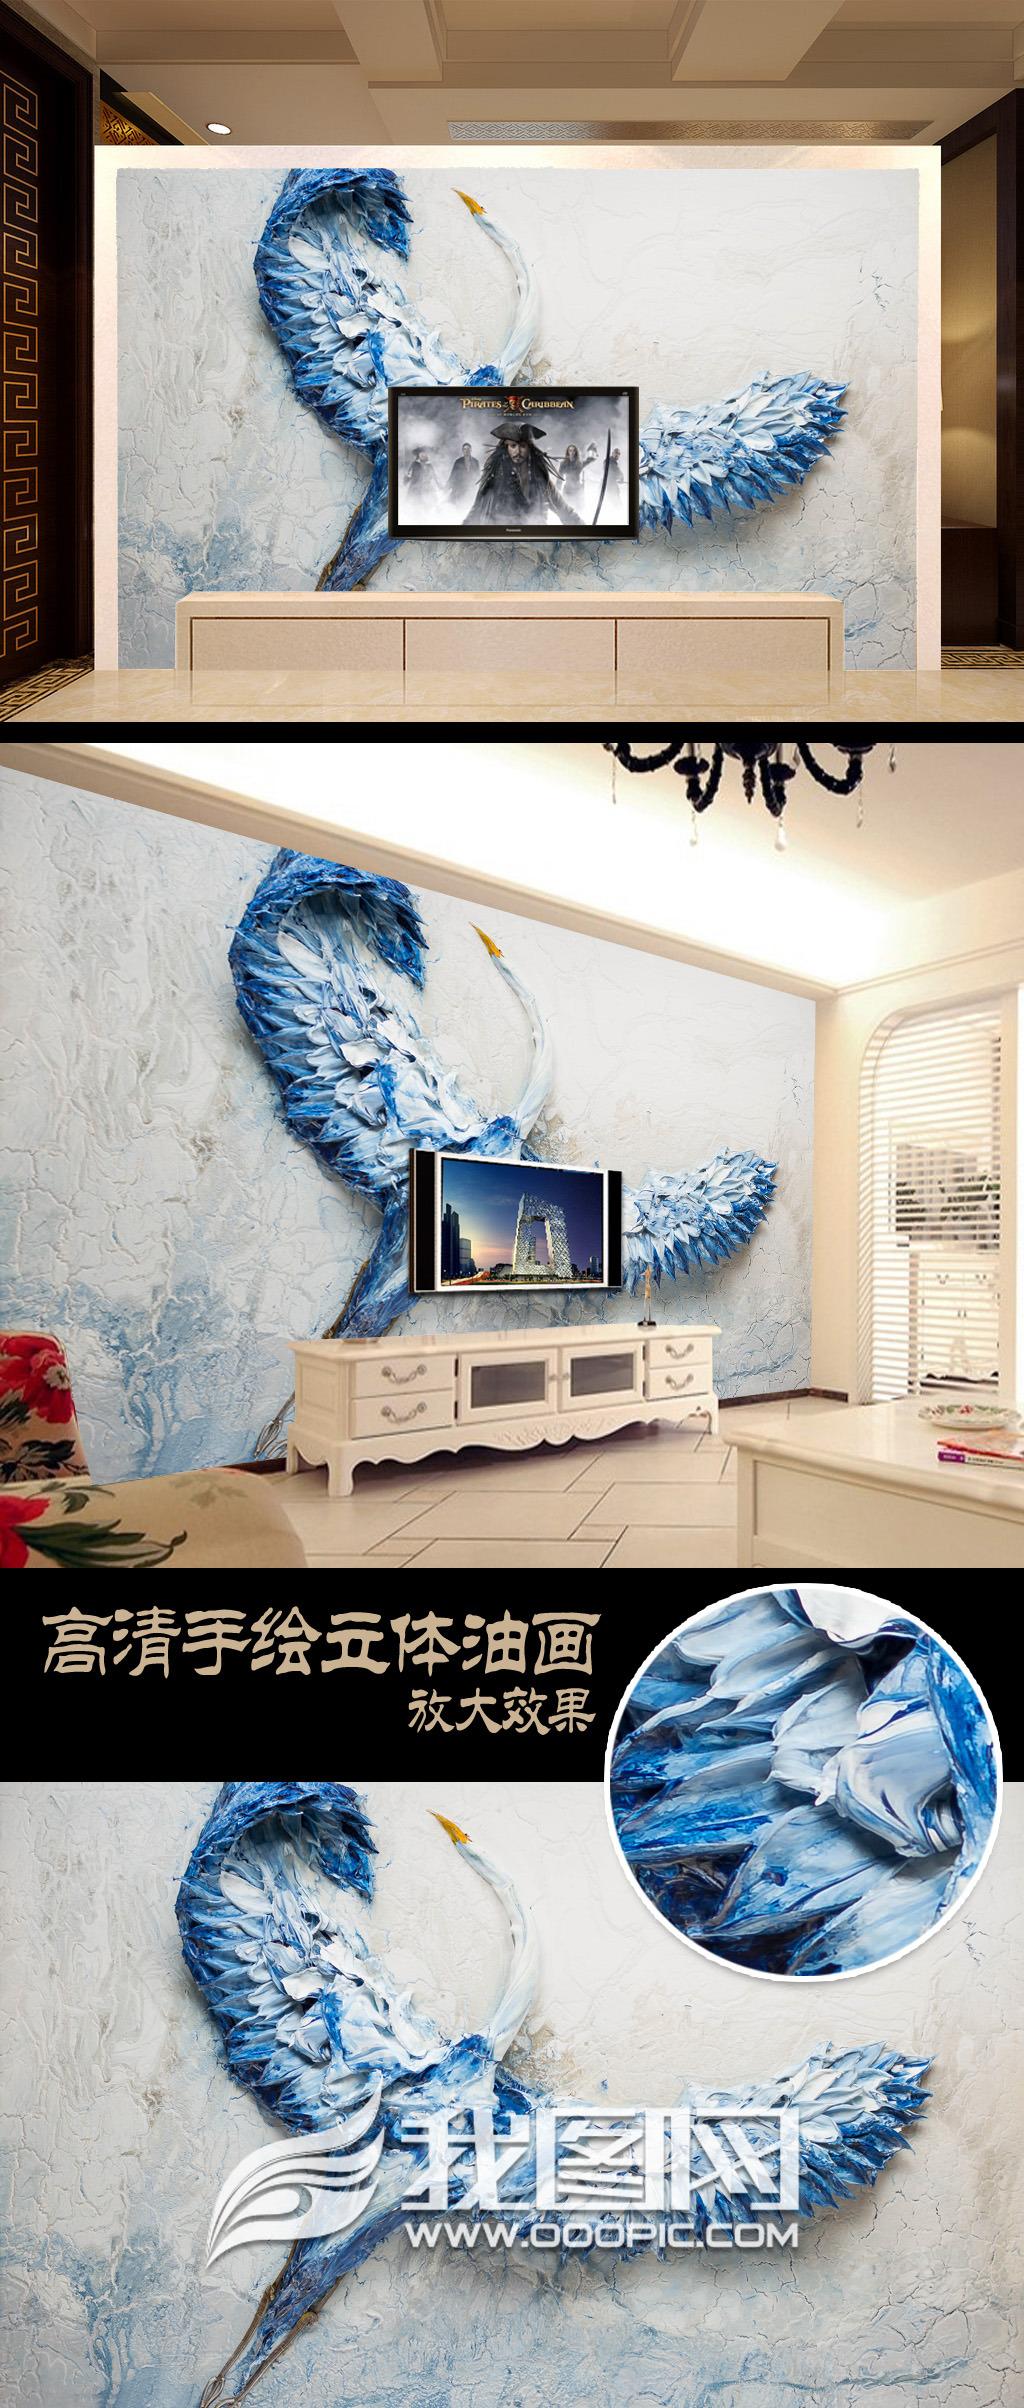 手绘立体油画壁画装饰画客厅电视背景墙